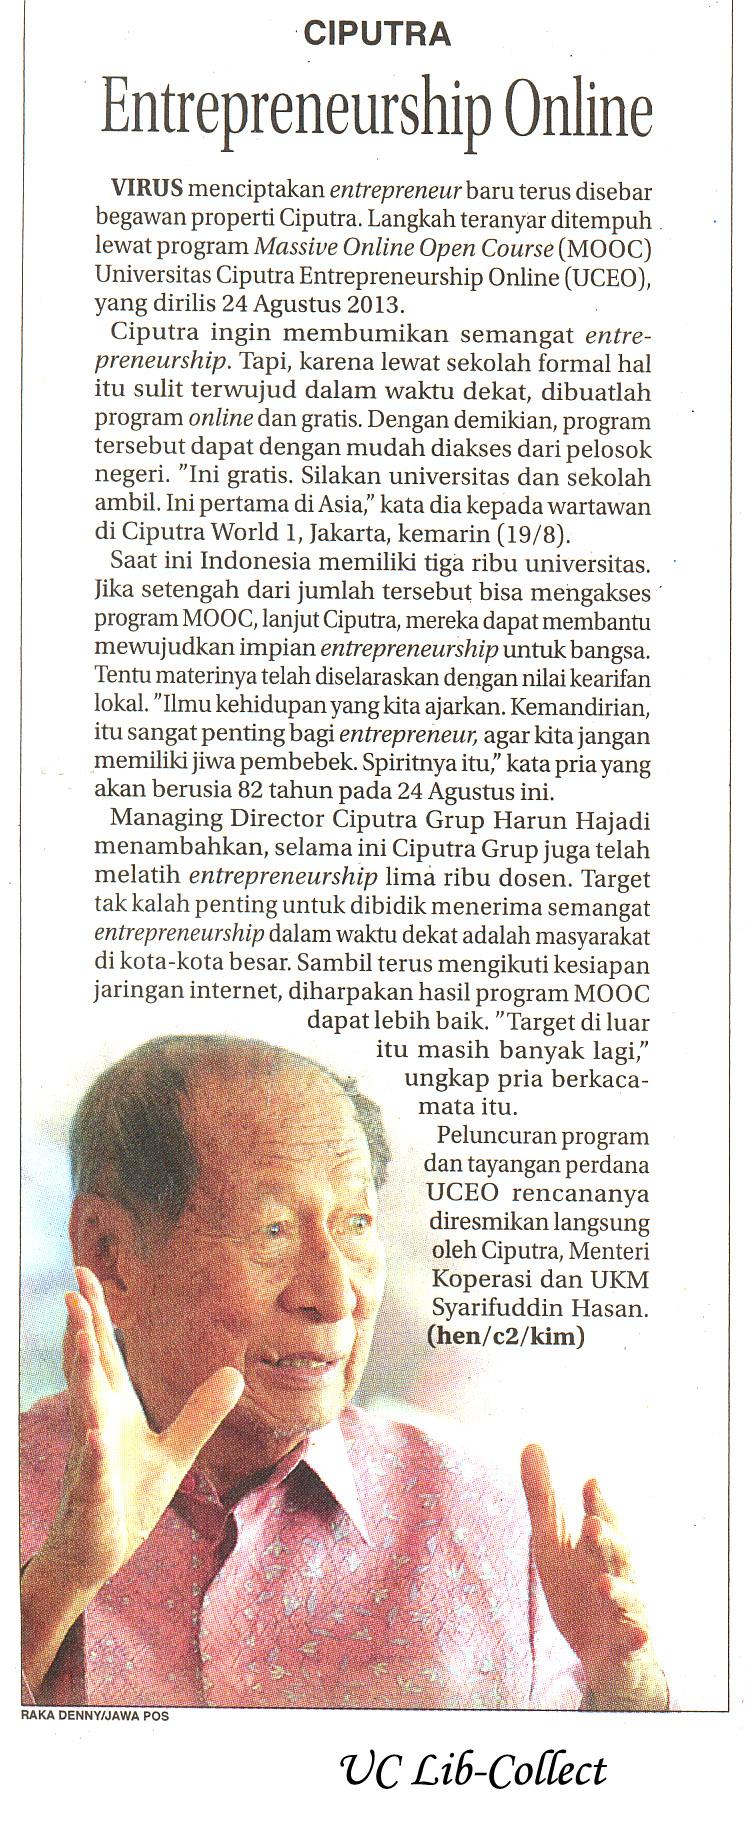 Entrepreneurship Online.Jawa Pos.20 Agustus 2013.Hal.16.jpg